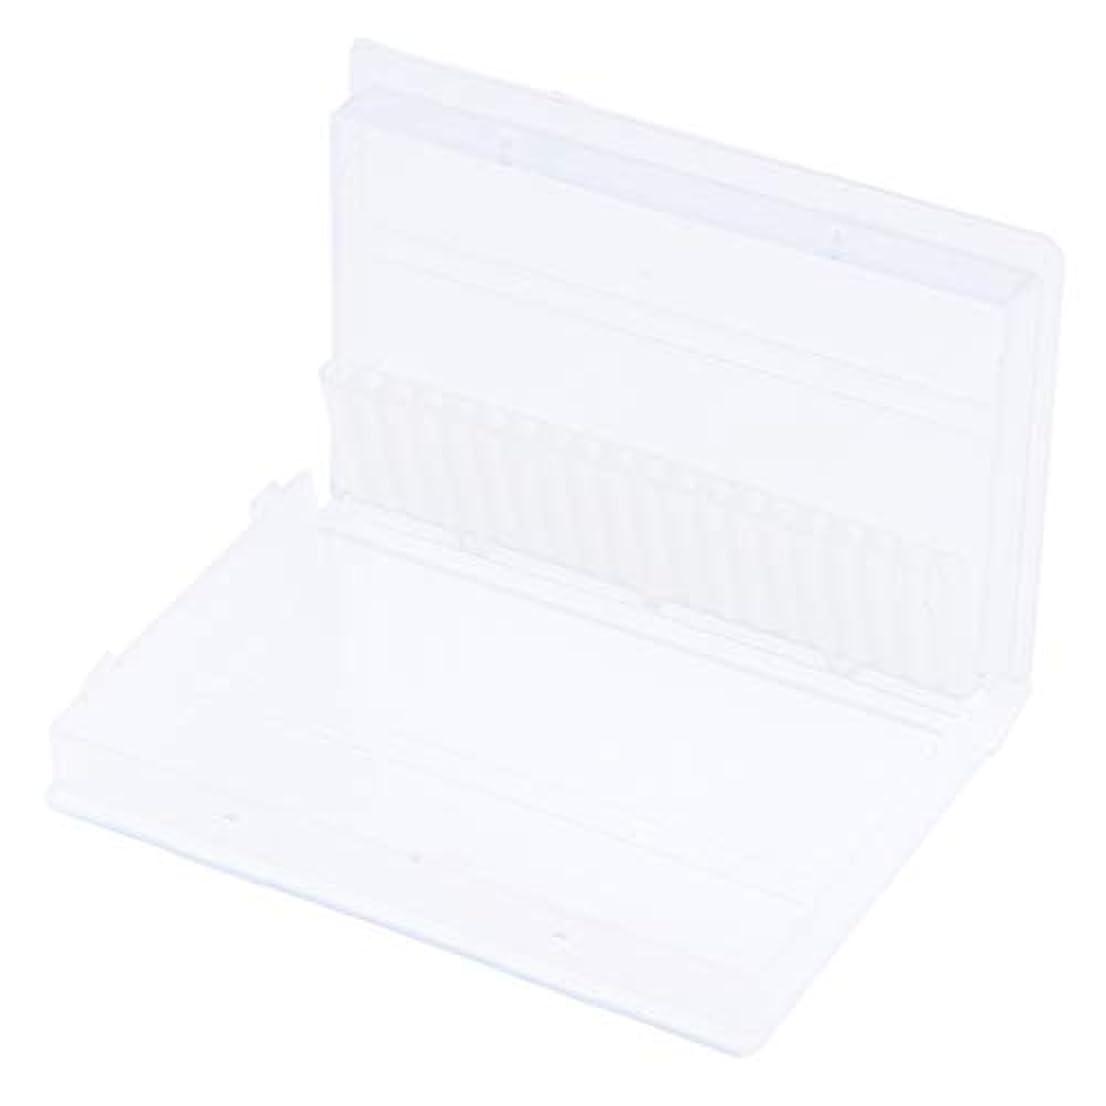 赤外線豆腐く20穴 ネイルドリルビットホルダー 収納ボックス 約9.8 x 6.5cm